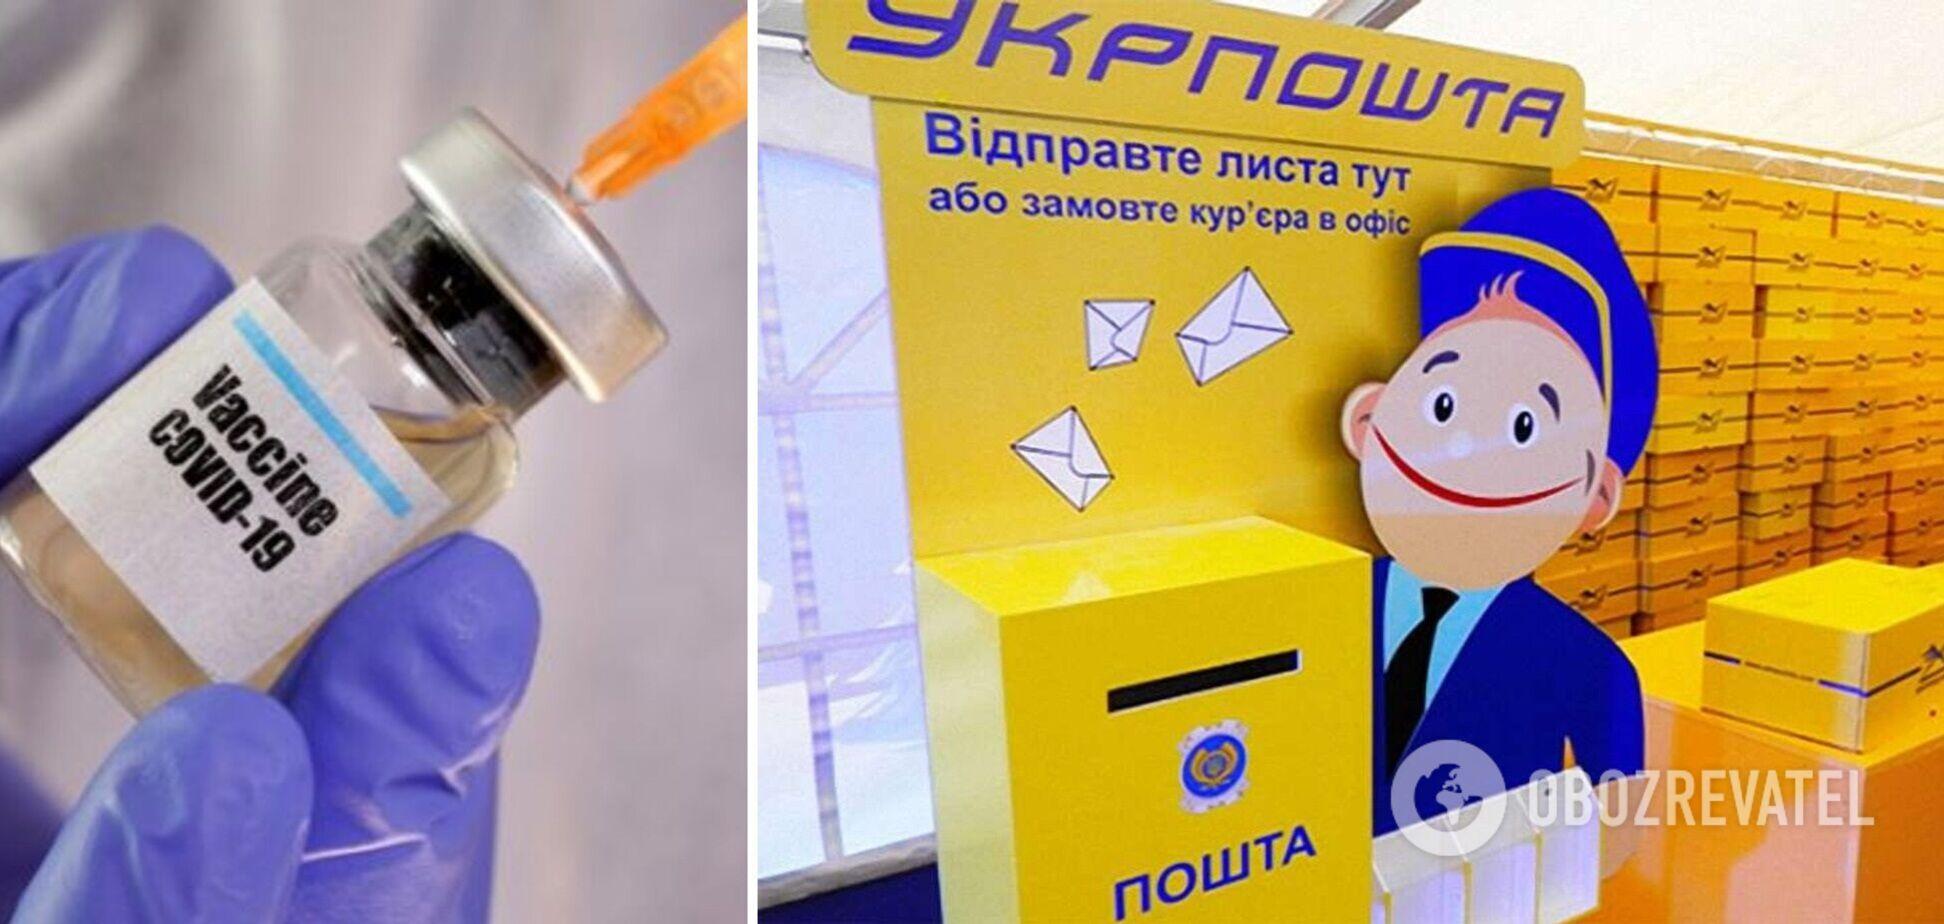 Співробітник 'Укрпошти' хоче отримати 1 млрд євро в разі ускладнень після вакцинації